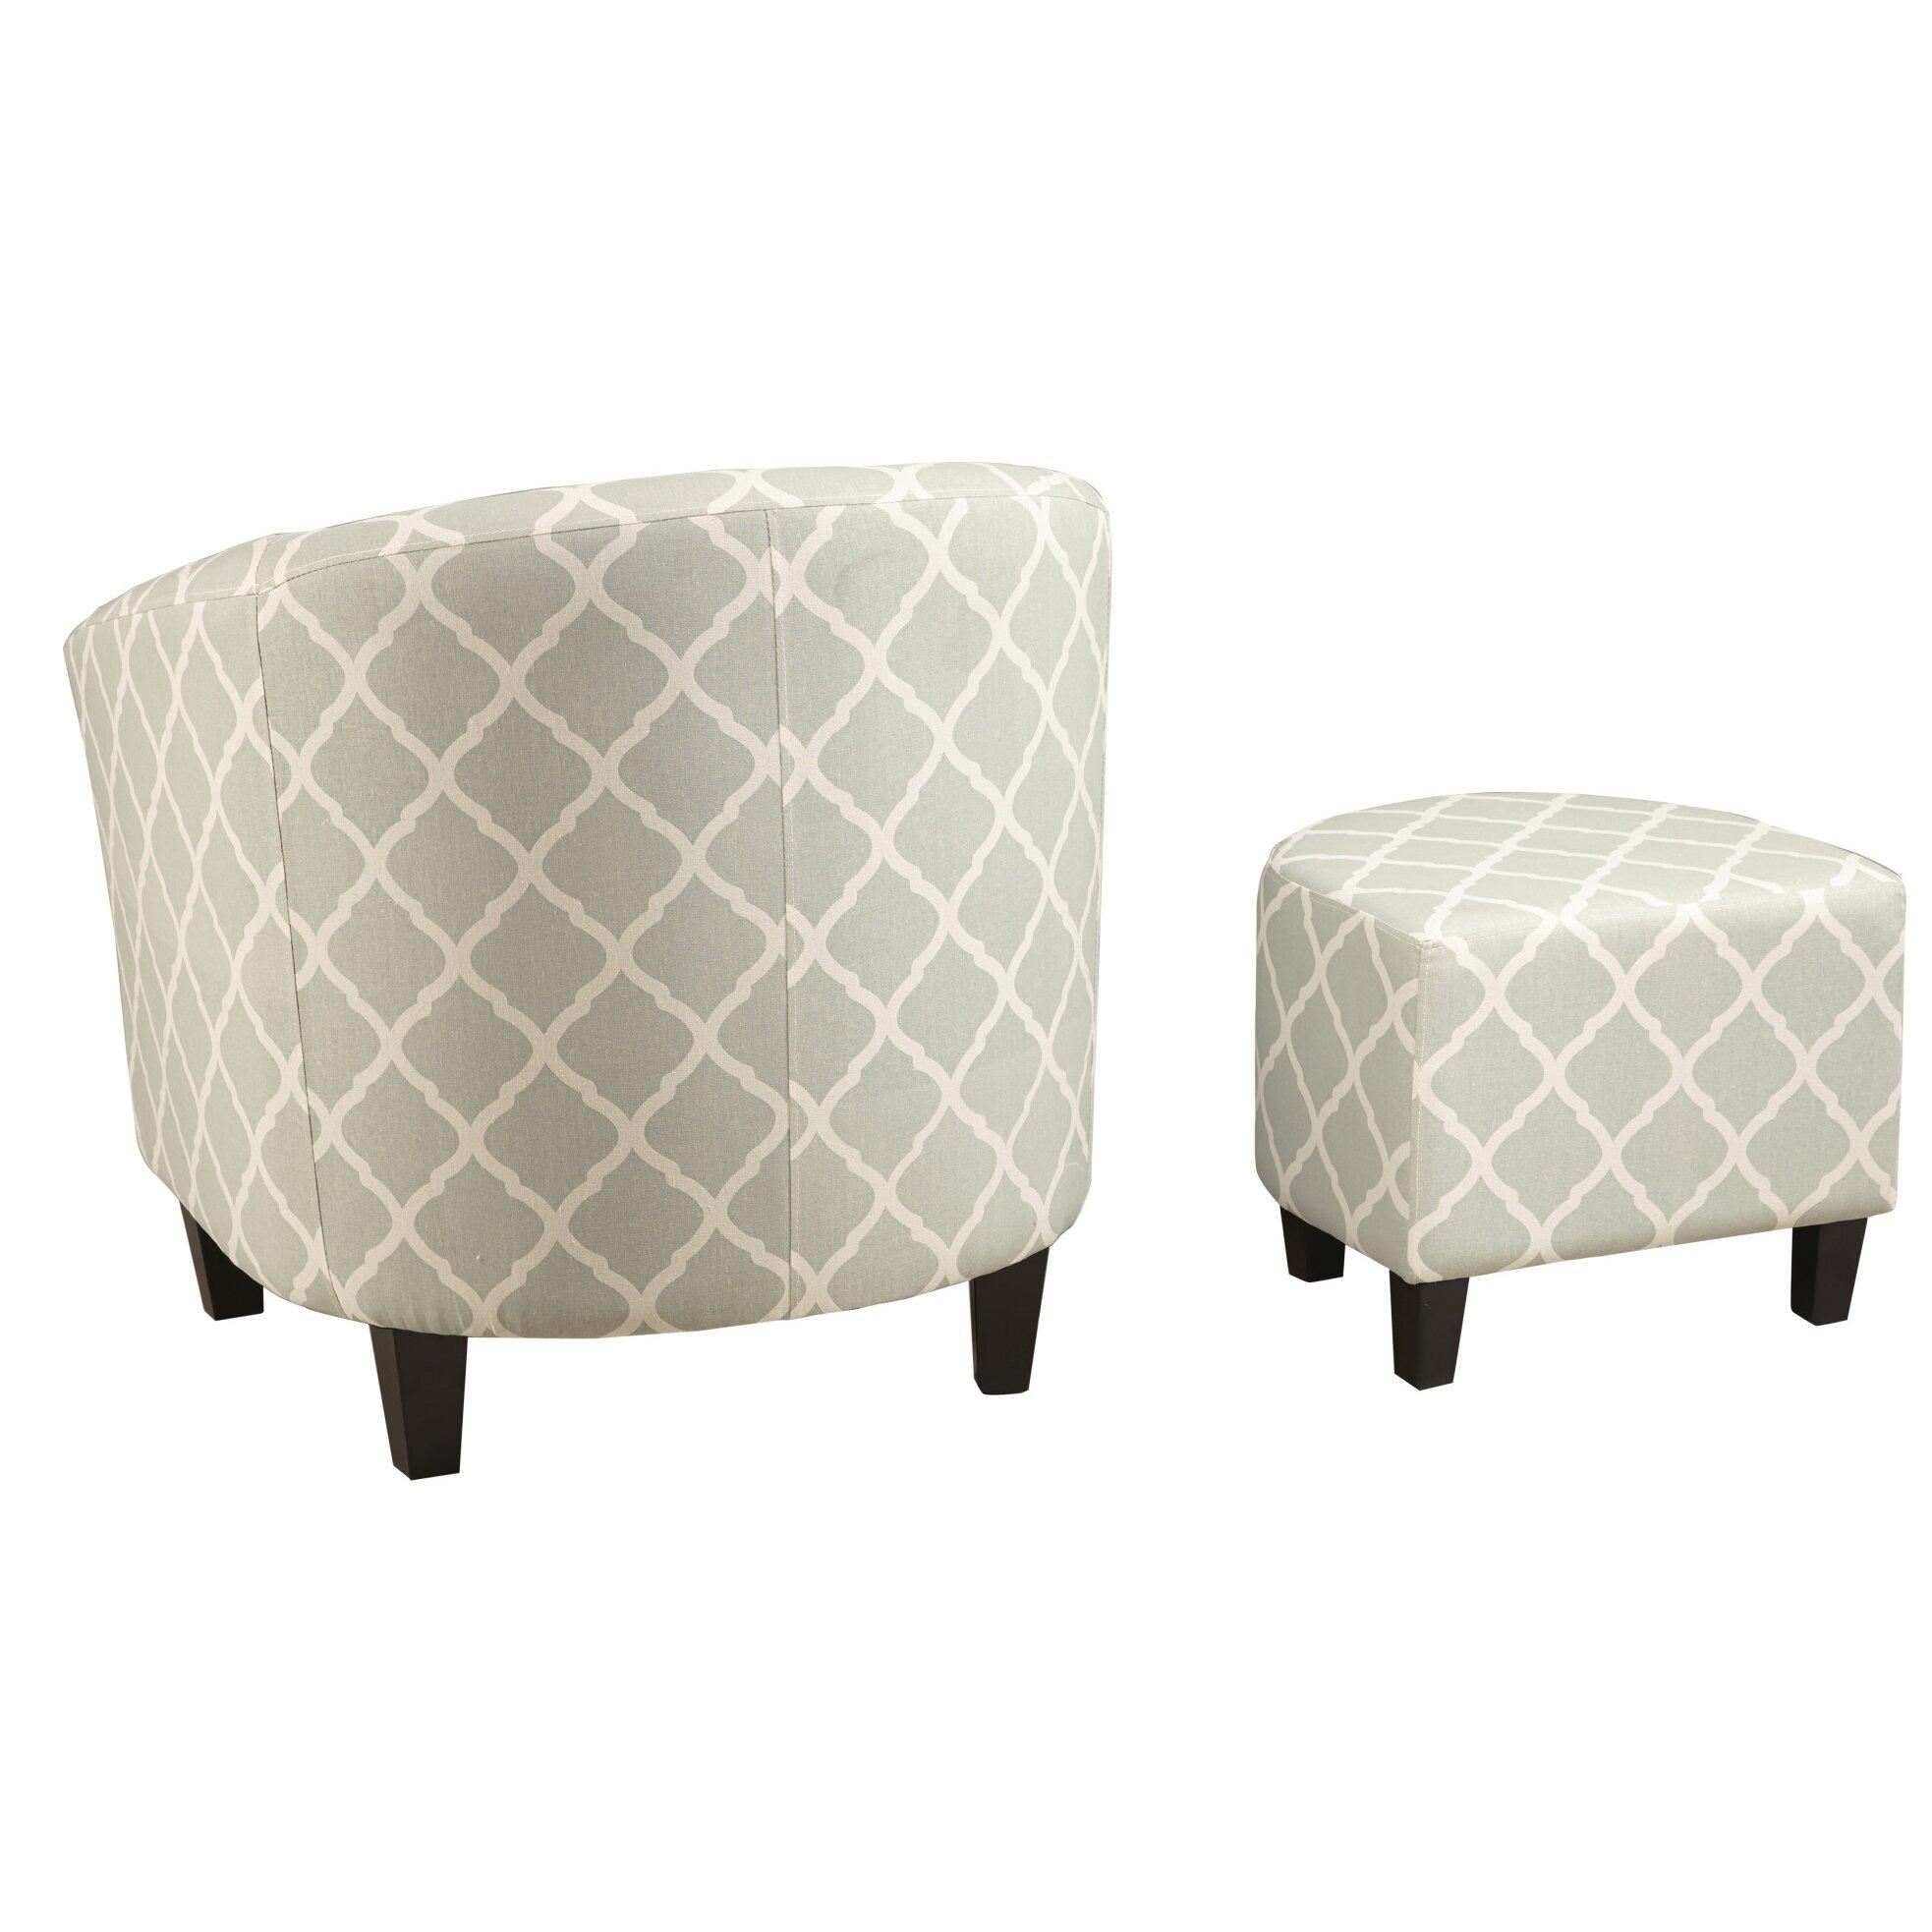 Brayden Studio 2 Piece Upholstered Barrel Chair and Ottoman Set – Upholstered Chair with Ottoman